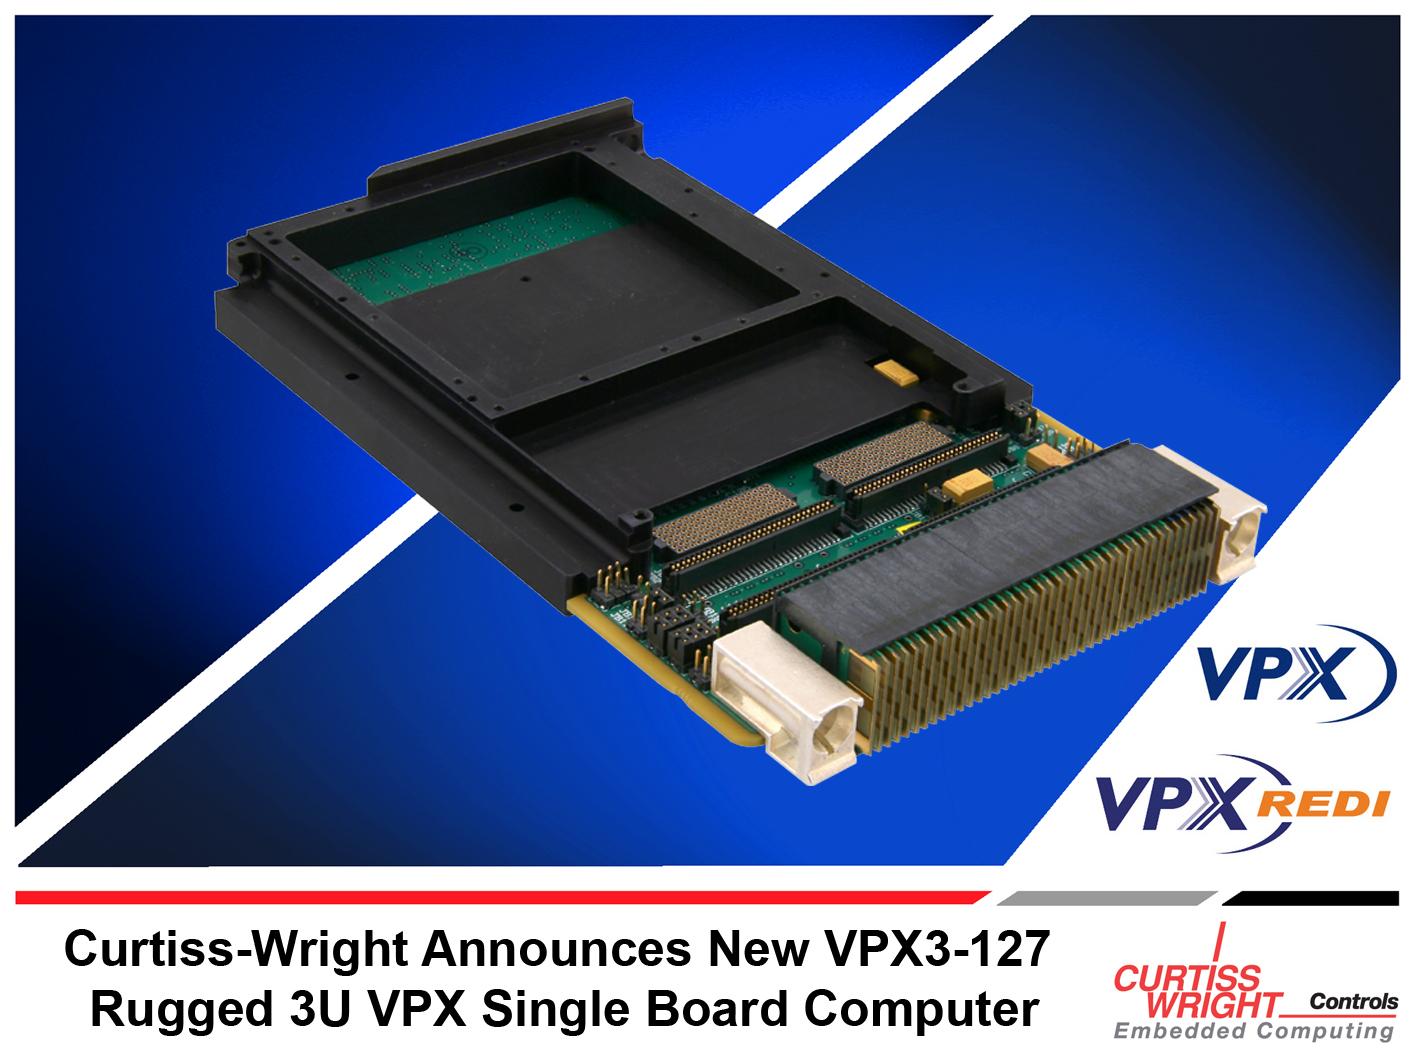 Curtiss-Wright VPX3-127: одноплатный компьютер в формате 3U VPX для малогабаритных высокопроизводительных бортовых систем